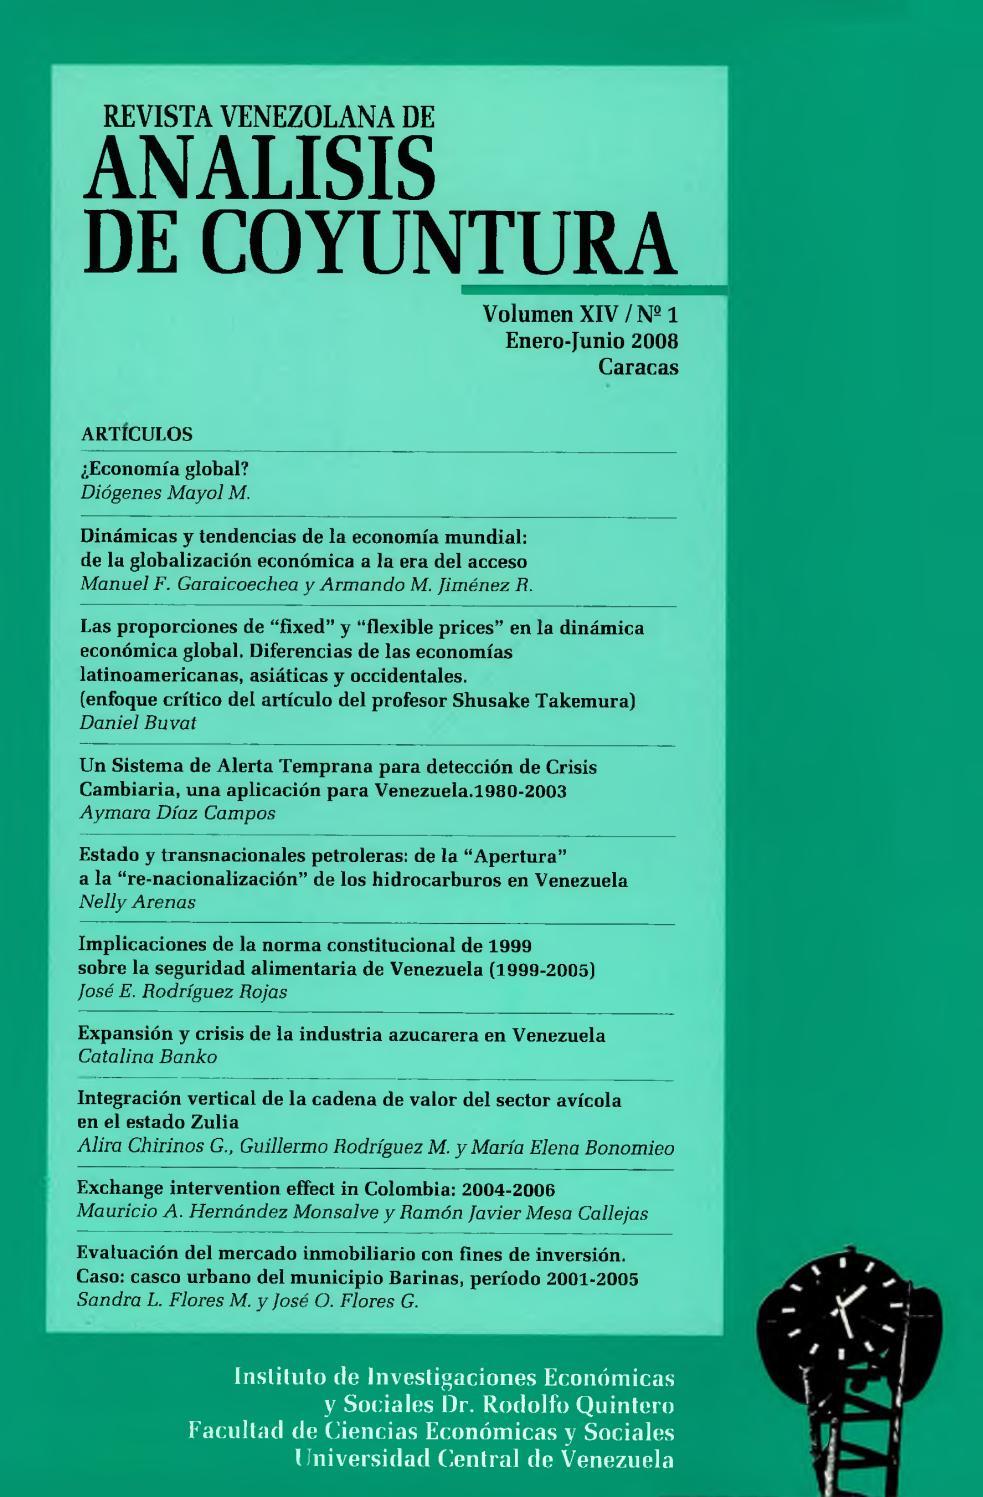 7b493b3762 Revista Venezolana de Análisis De Coyuntura. Volumen XIV Nº 1 enero-junio  2008 by Instituto de Investigaciones Económicas y Sociales Dr.